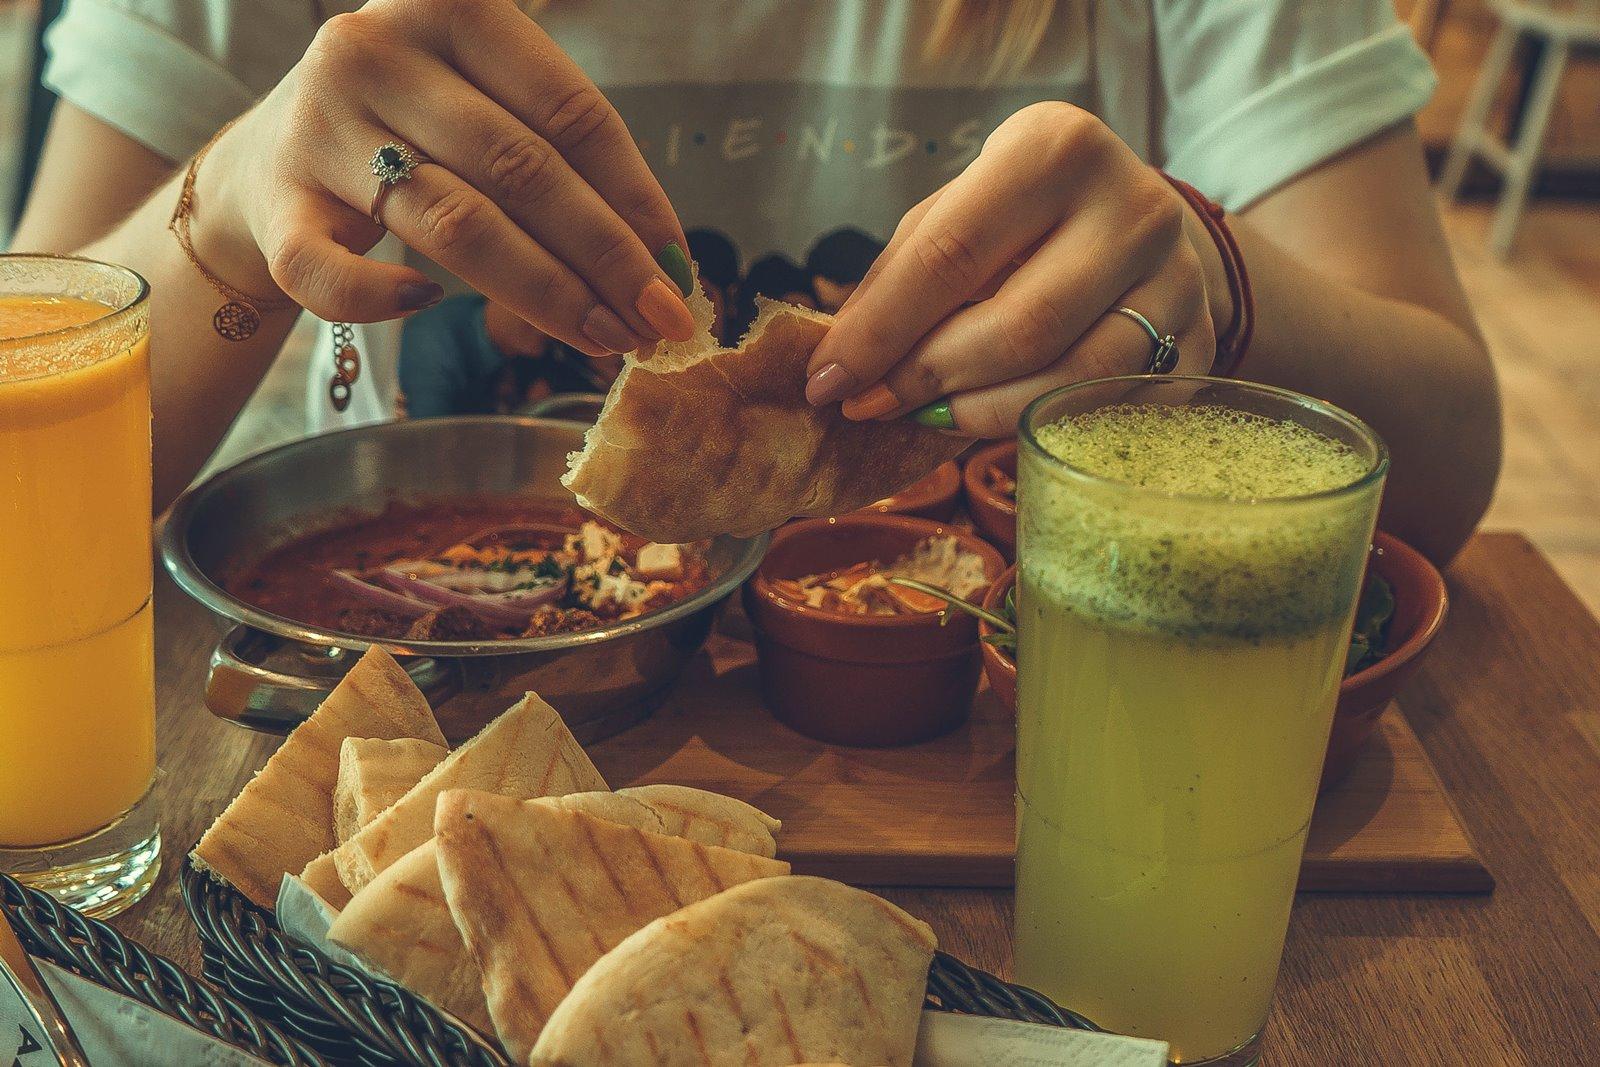 1 telaviv urban foods co zjeść w łodzi śniadania w warszawie bezmięsna kuchnia izraelska smaki izraela gdzie zjeść dobry hummus fallafell